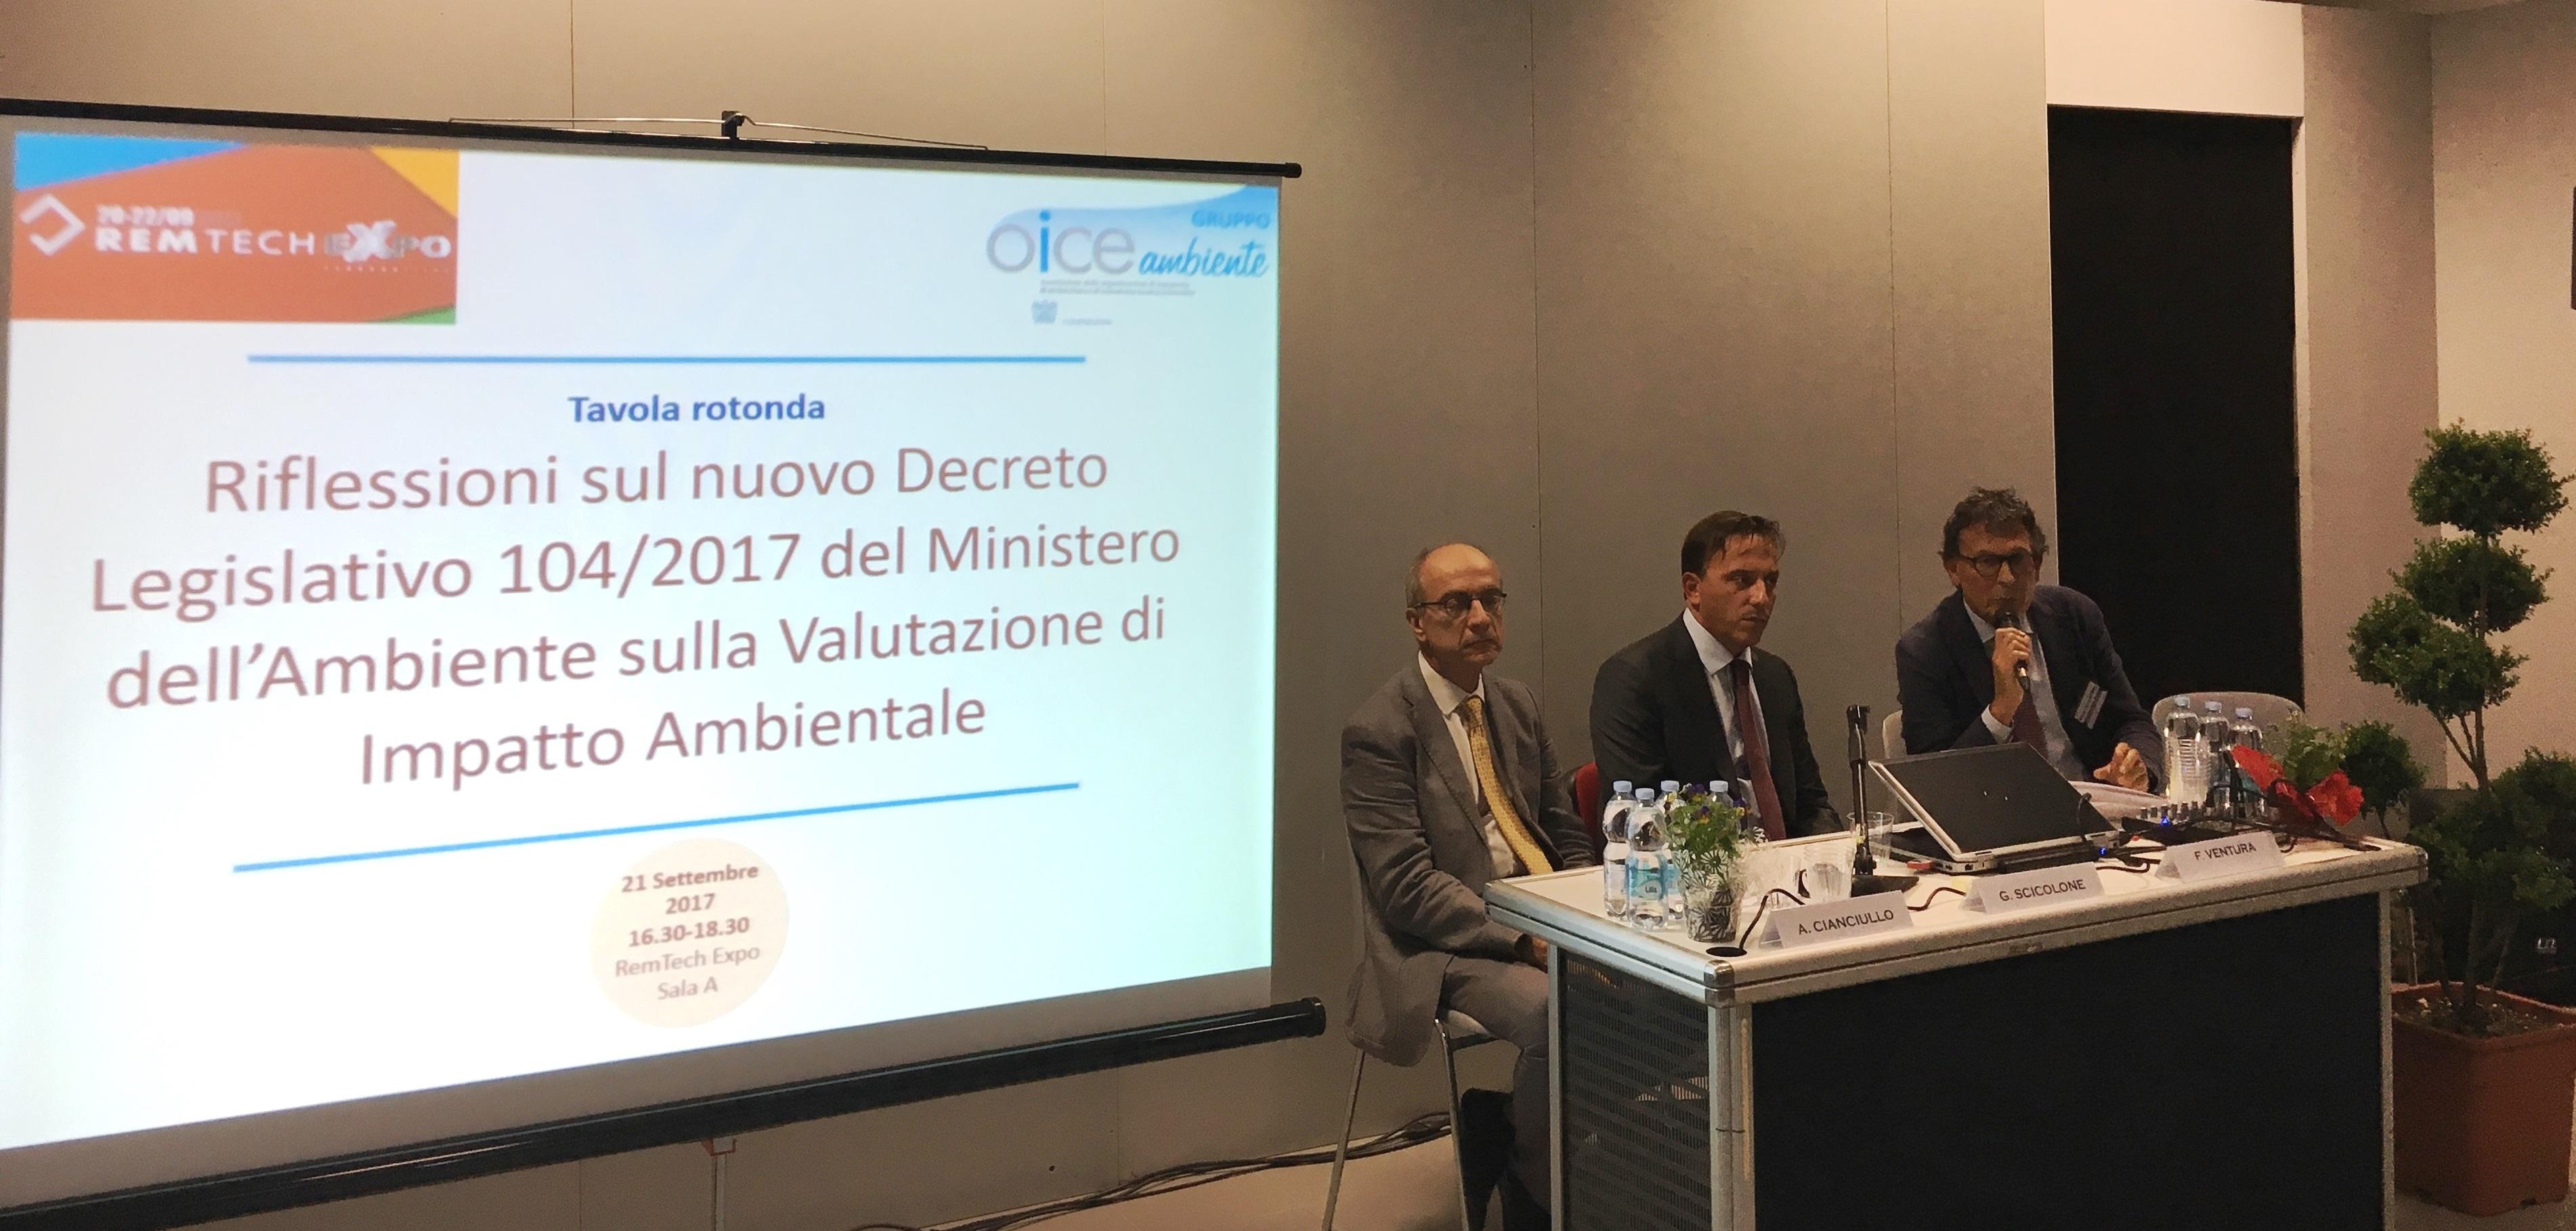 La seconda parte del Workshop ha proposto una serie di interventi da parte dei responsabili del settore ambientale di alcune delle societ Associate OICE